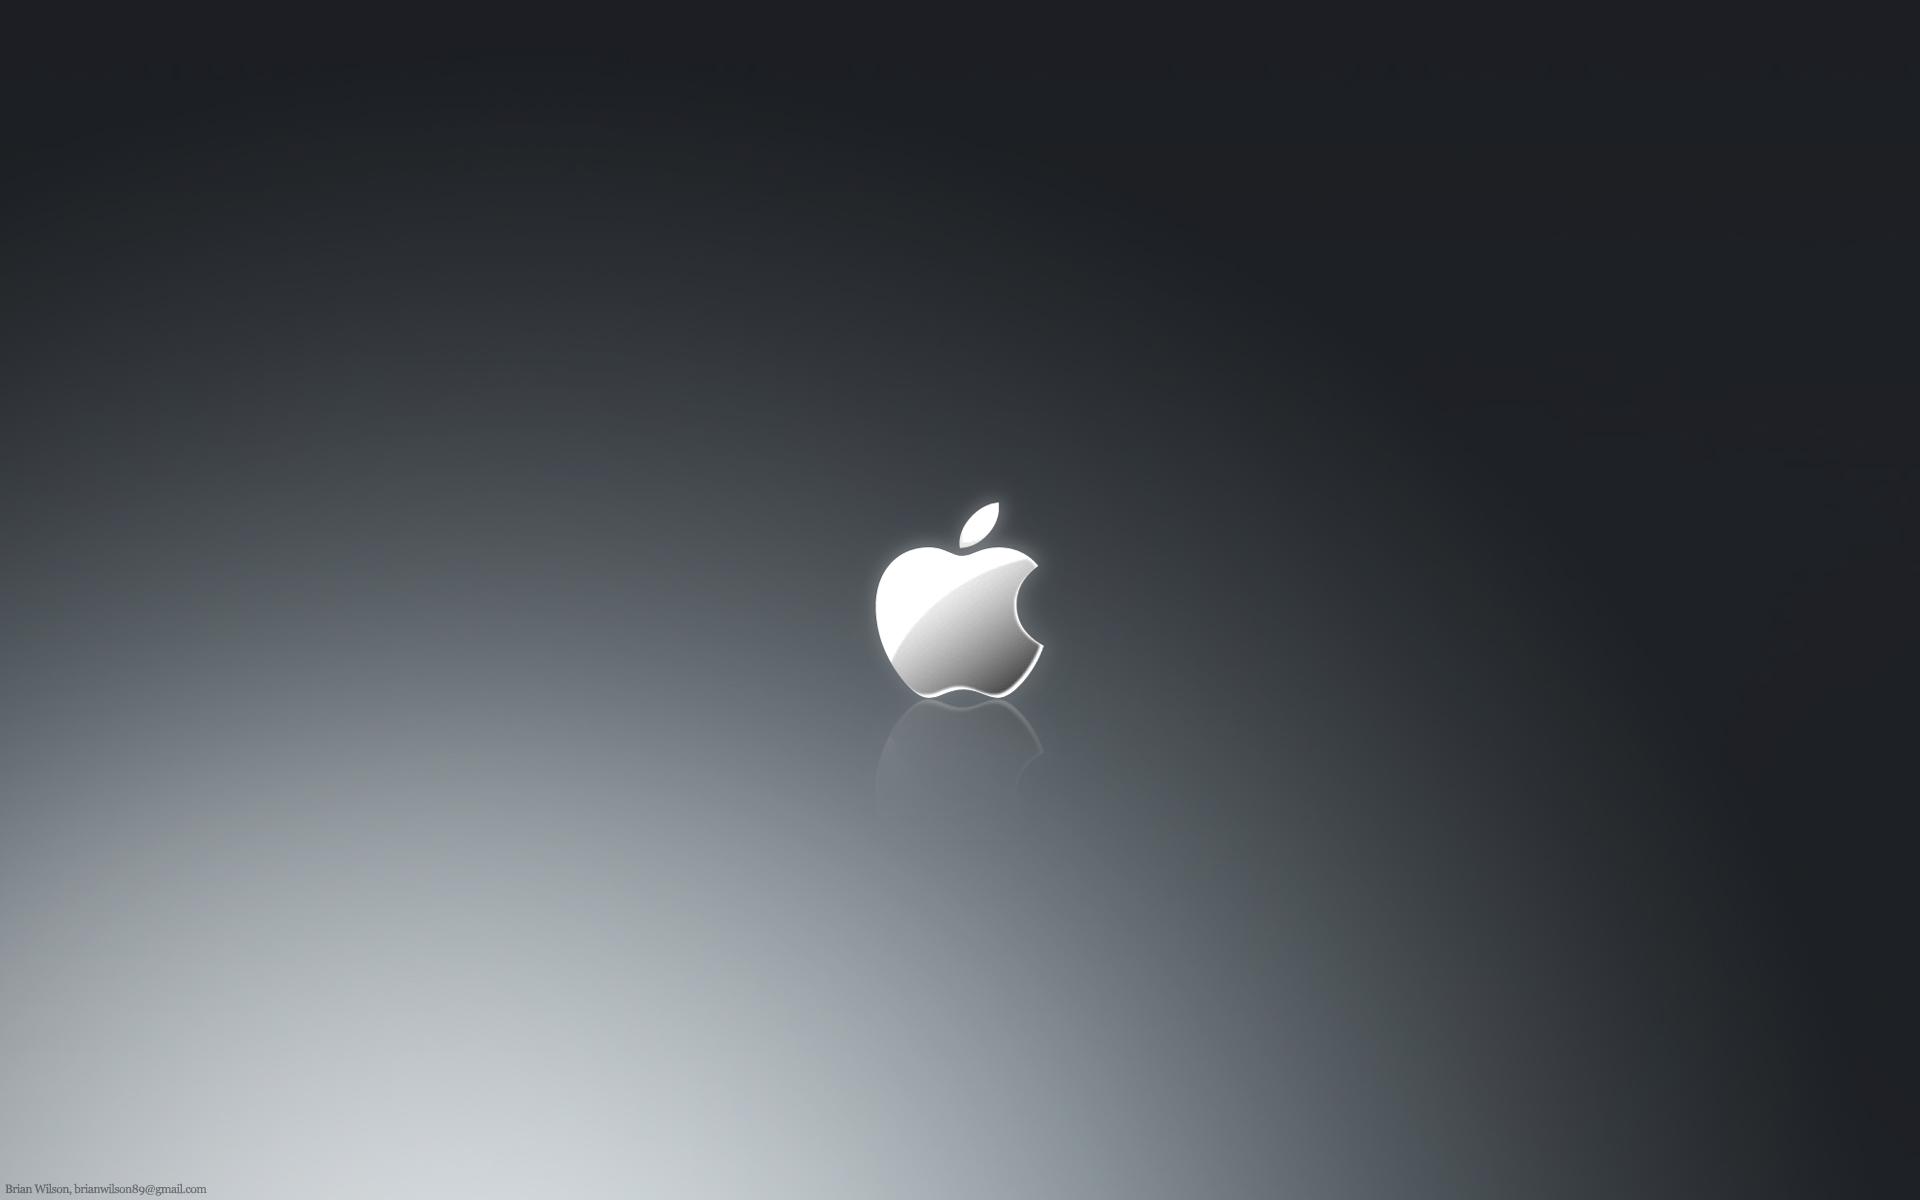 2253180349 692b8356ce o Apple Grey 1920x1200